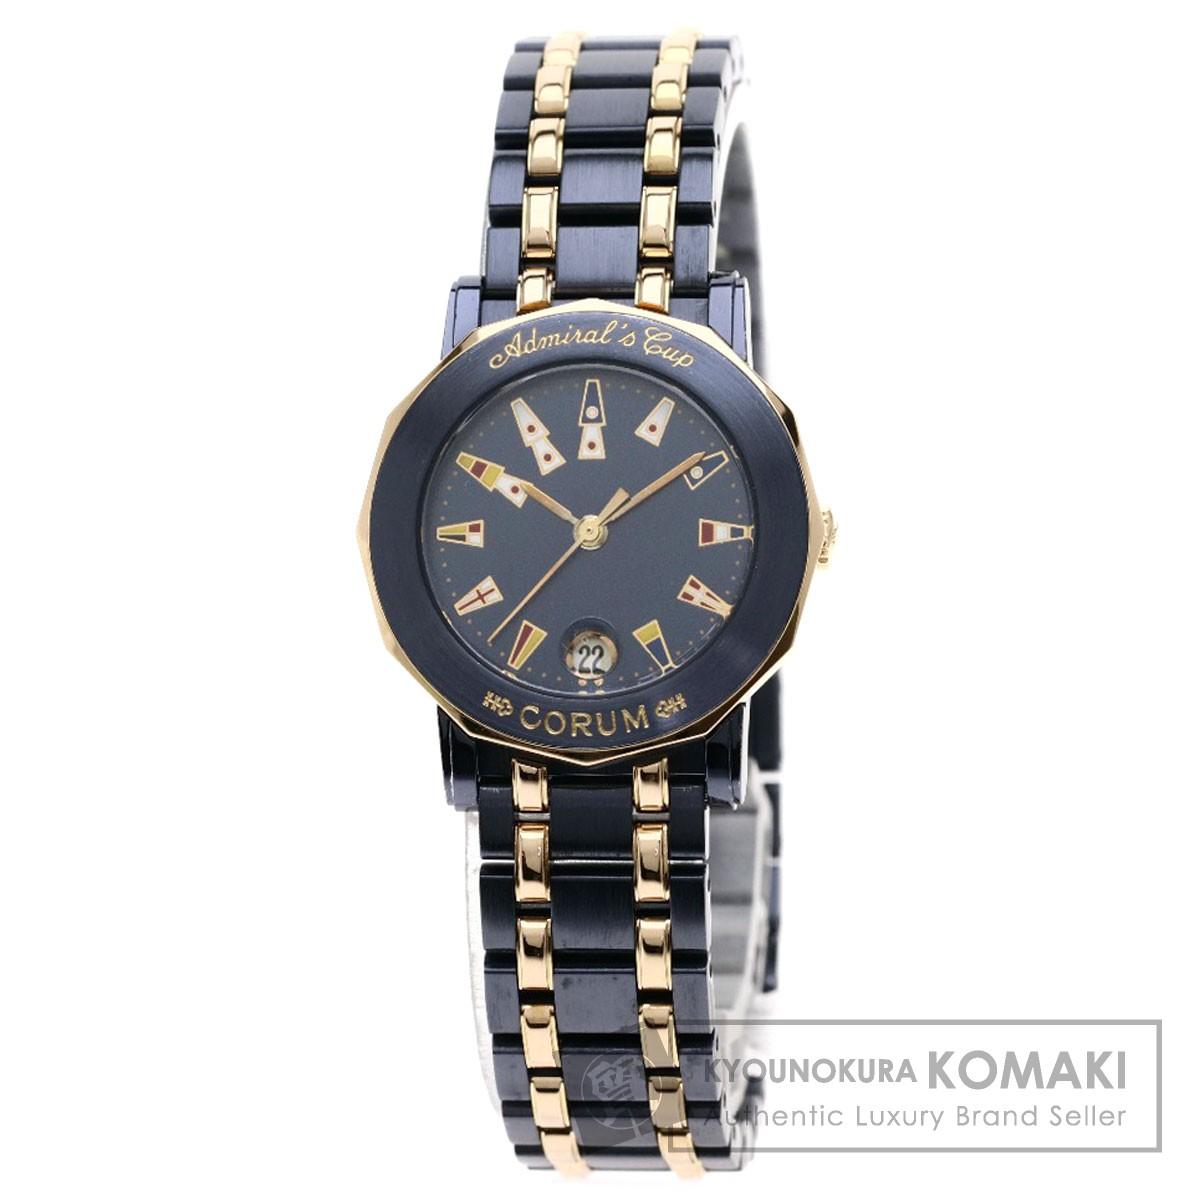 CORUM 39.130.34 アドミラルズカップ ガンブルー 腕時計 ステンレススチール/SSxK18PG レディース 【中古】【コルム】